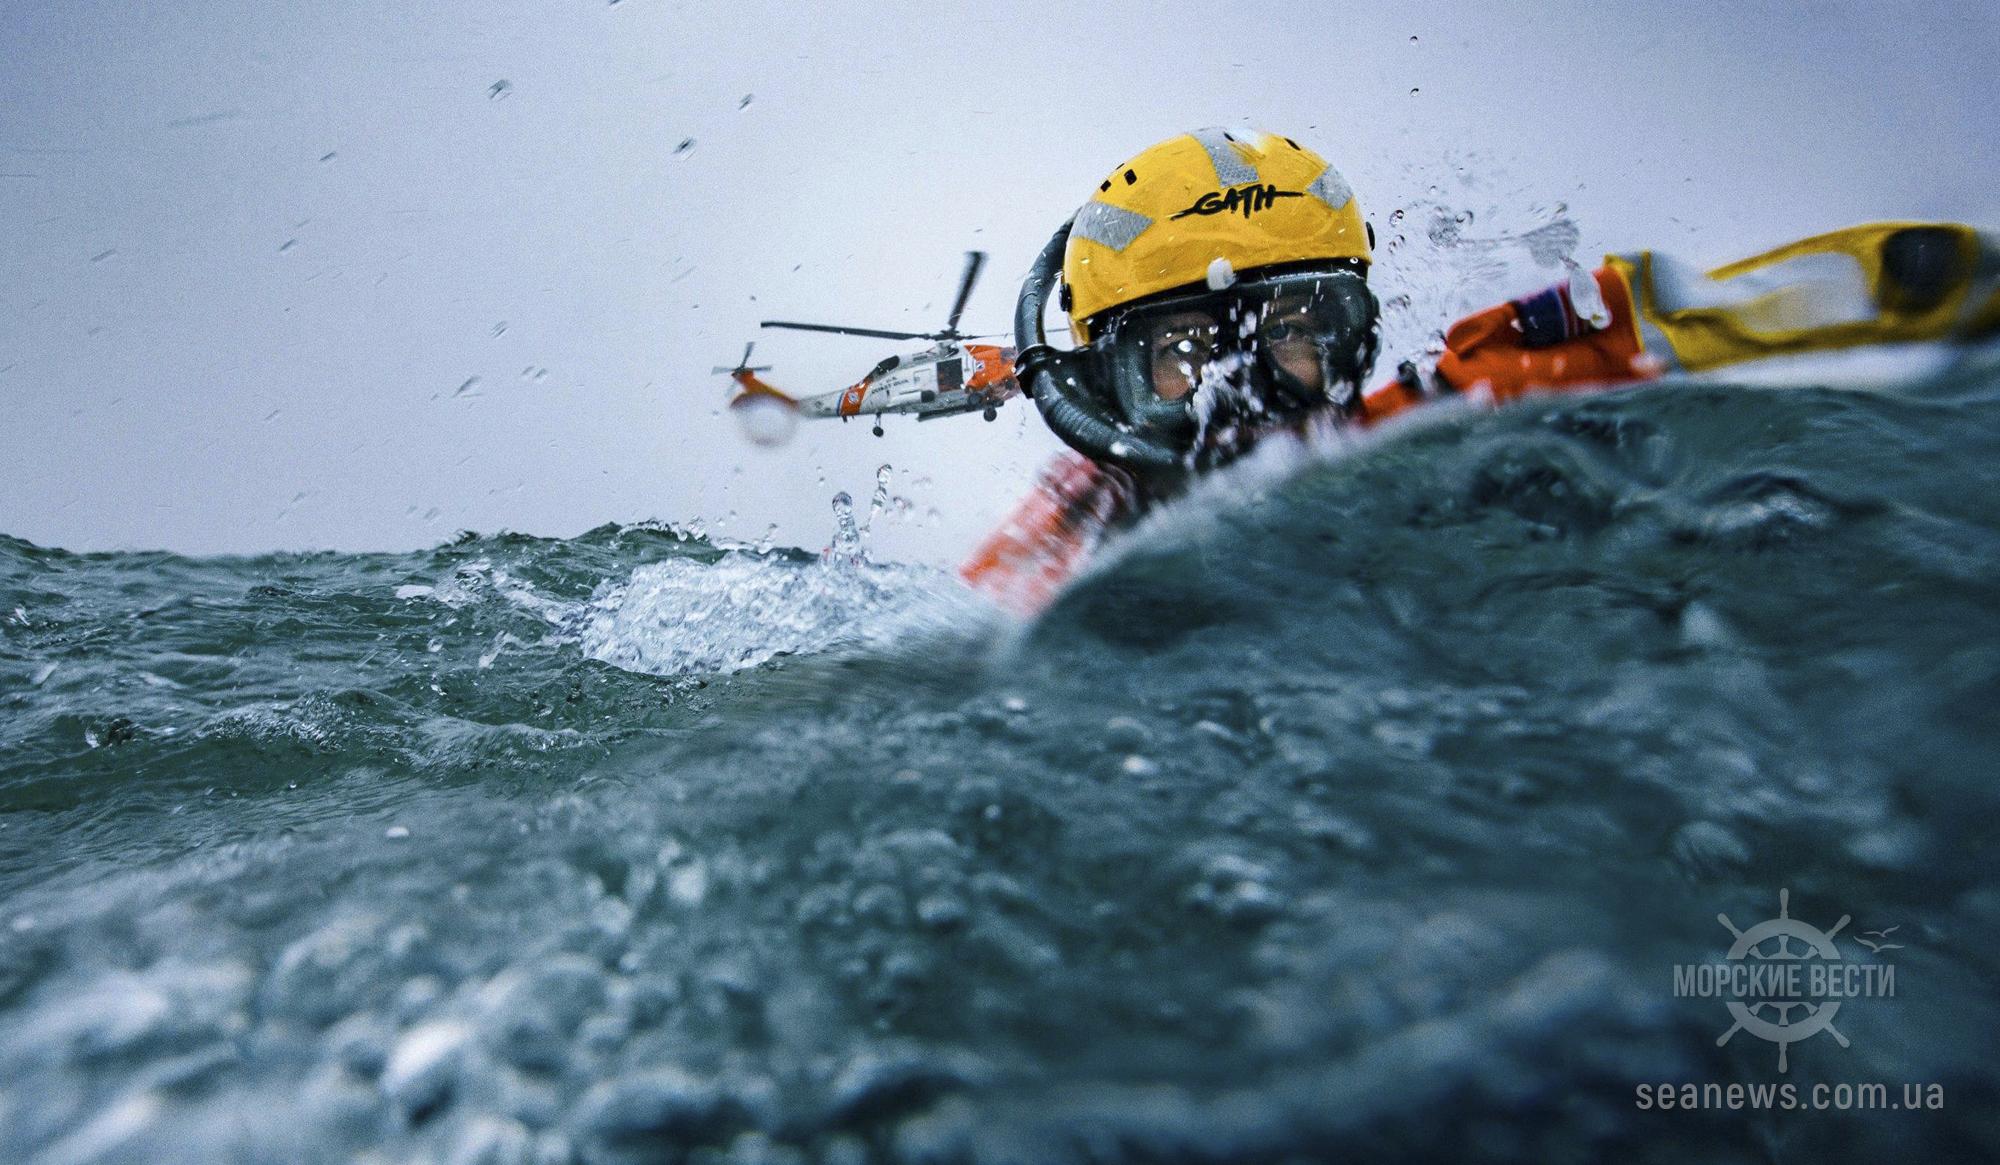 Береговая охрана США спасла троих членов экипажа буксира